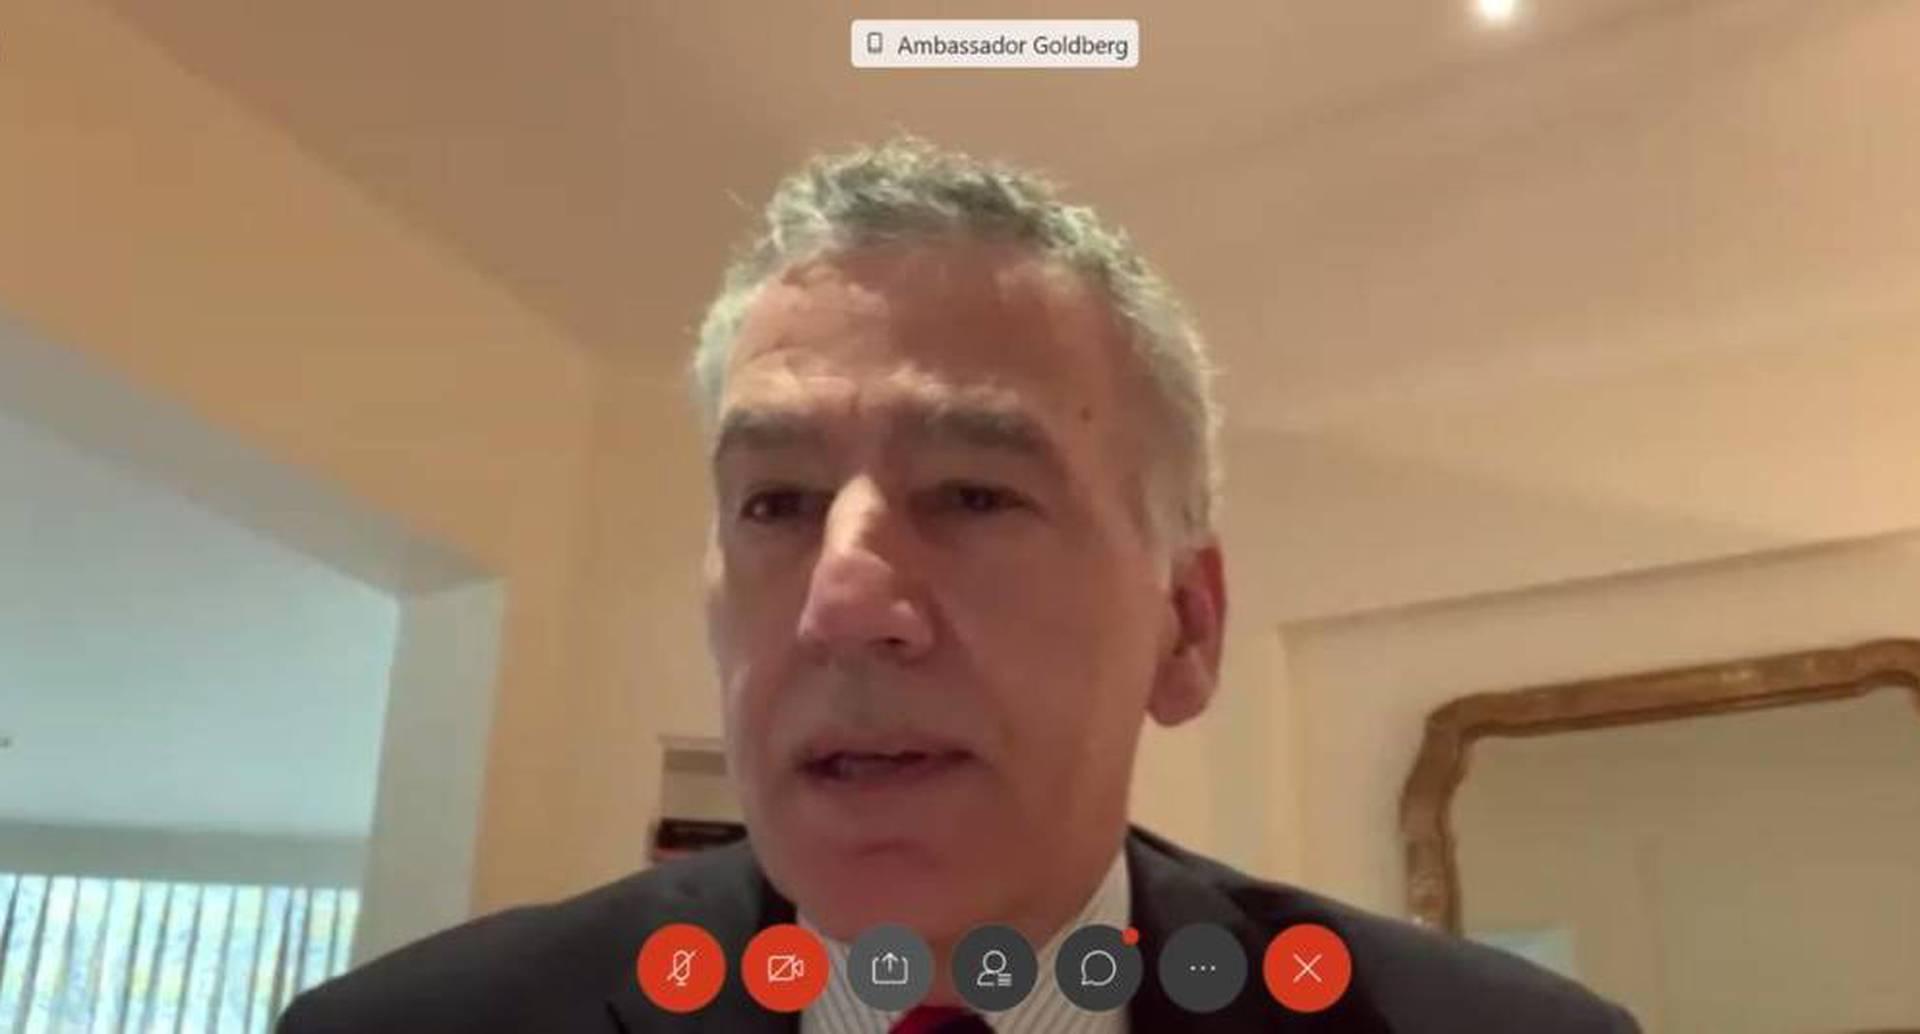 Philip Goldberg, embajador de EE. UU. en Colombia